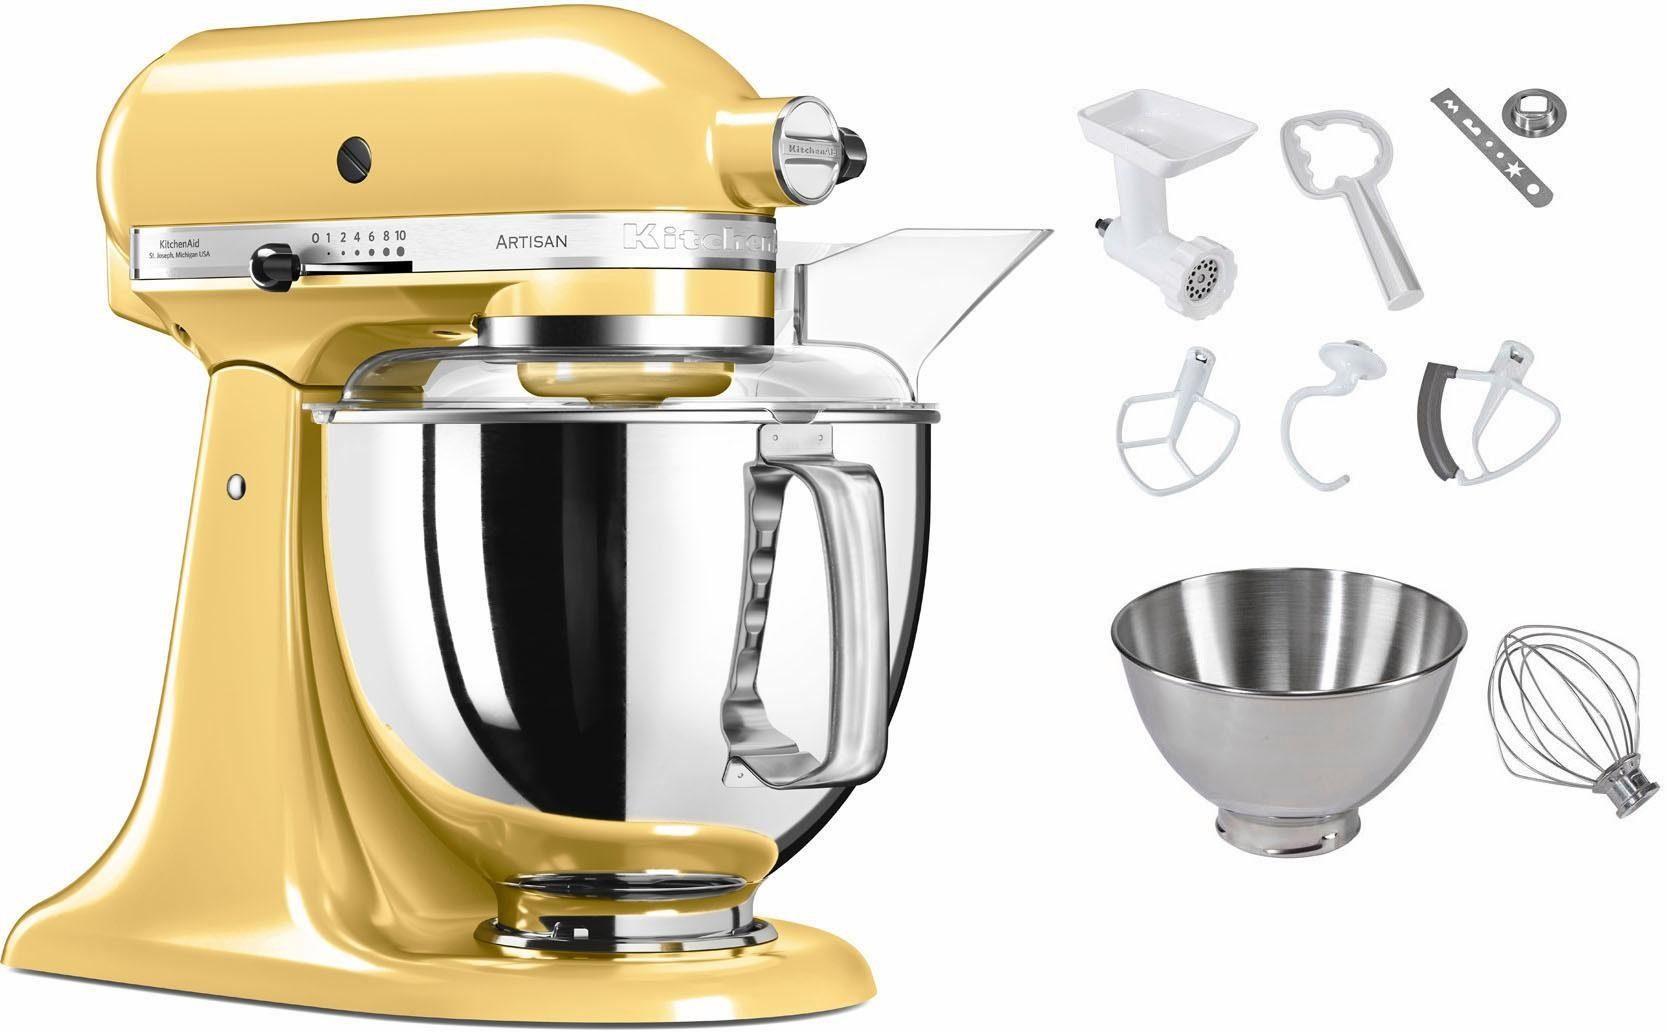 KitchenAid Küchenmaschine 5KSM175PSEMY Artisan, 300 W, 4,83 l Schüssel, inkl. Sonderzubehör im Wert von ca. 112,-€ UVP